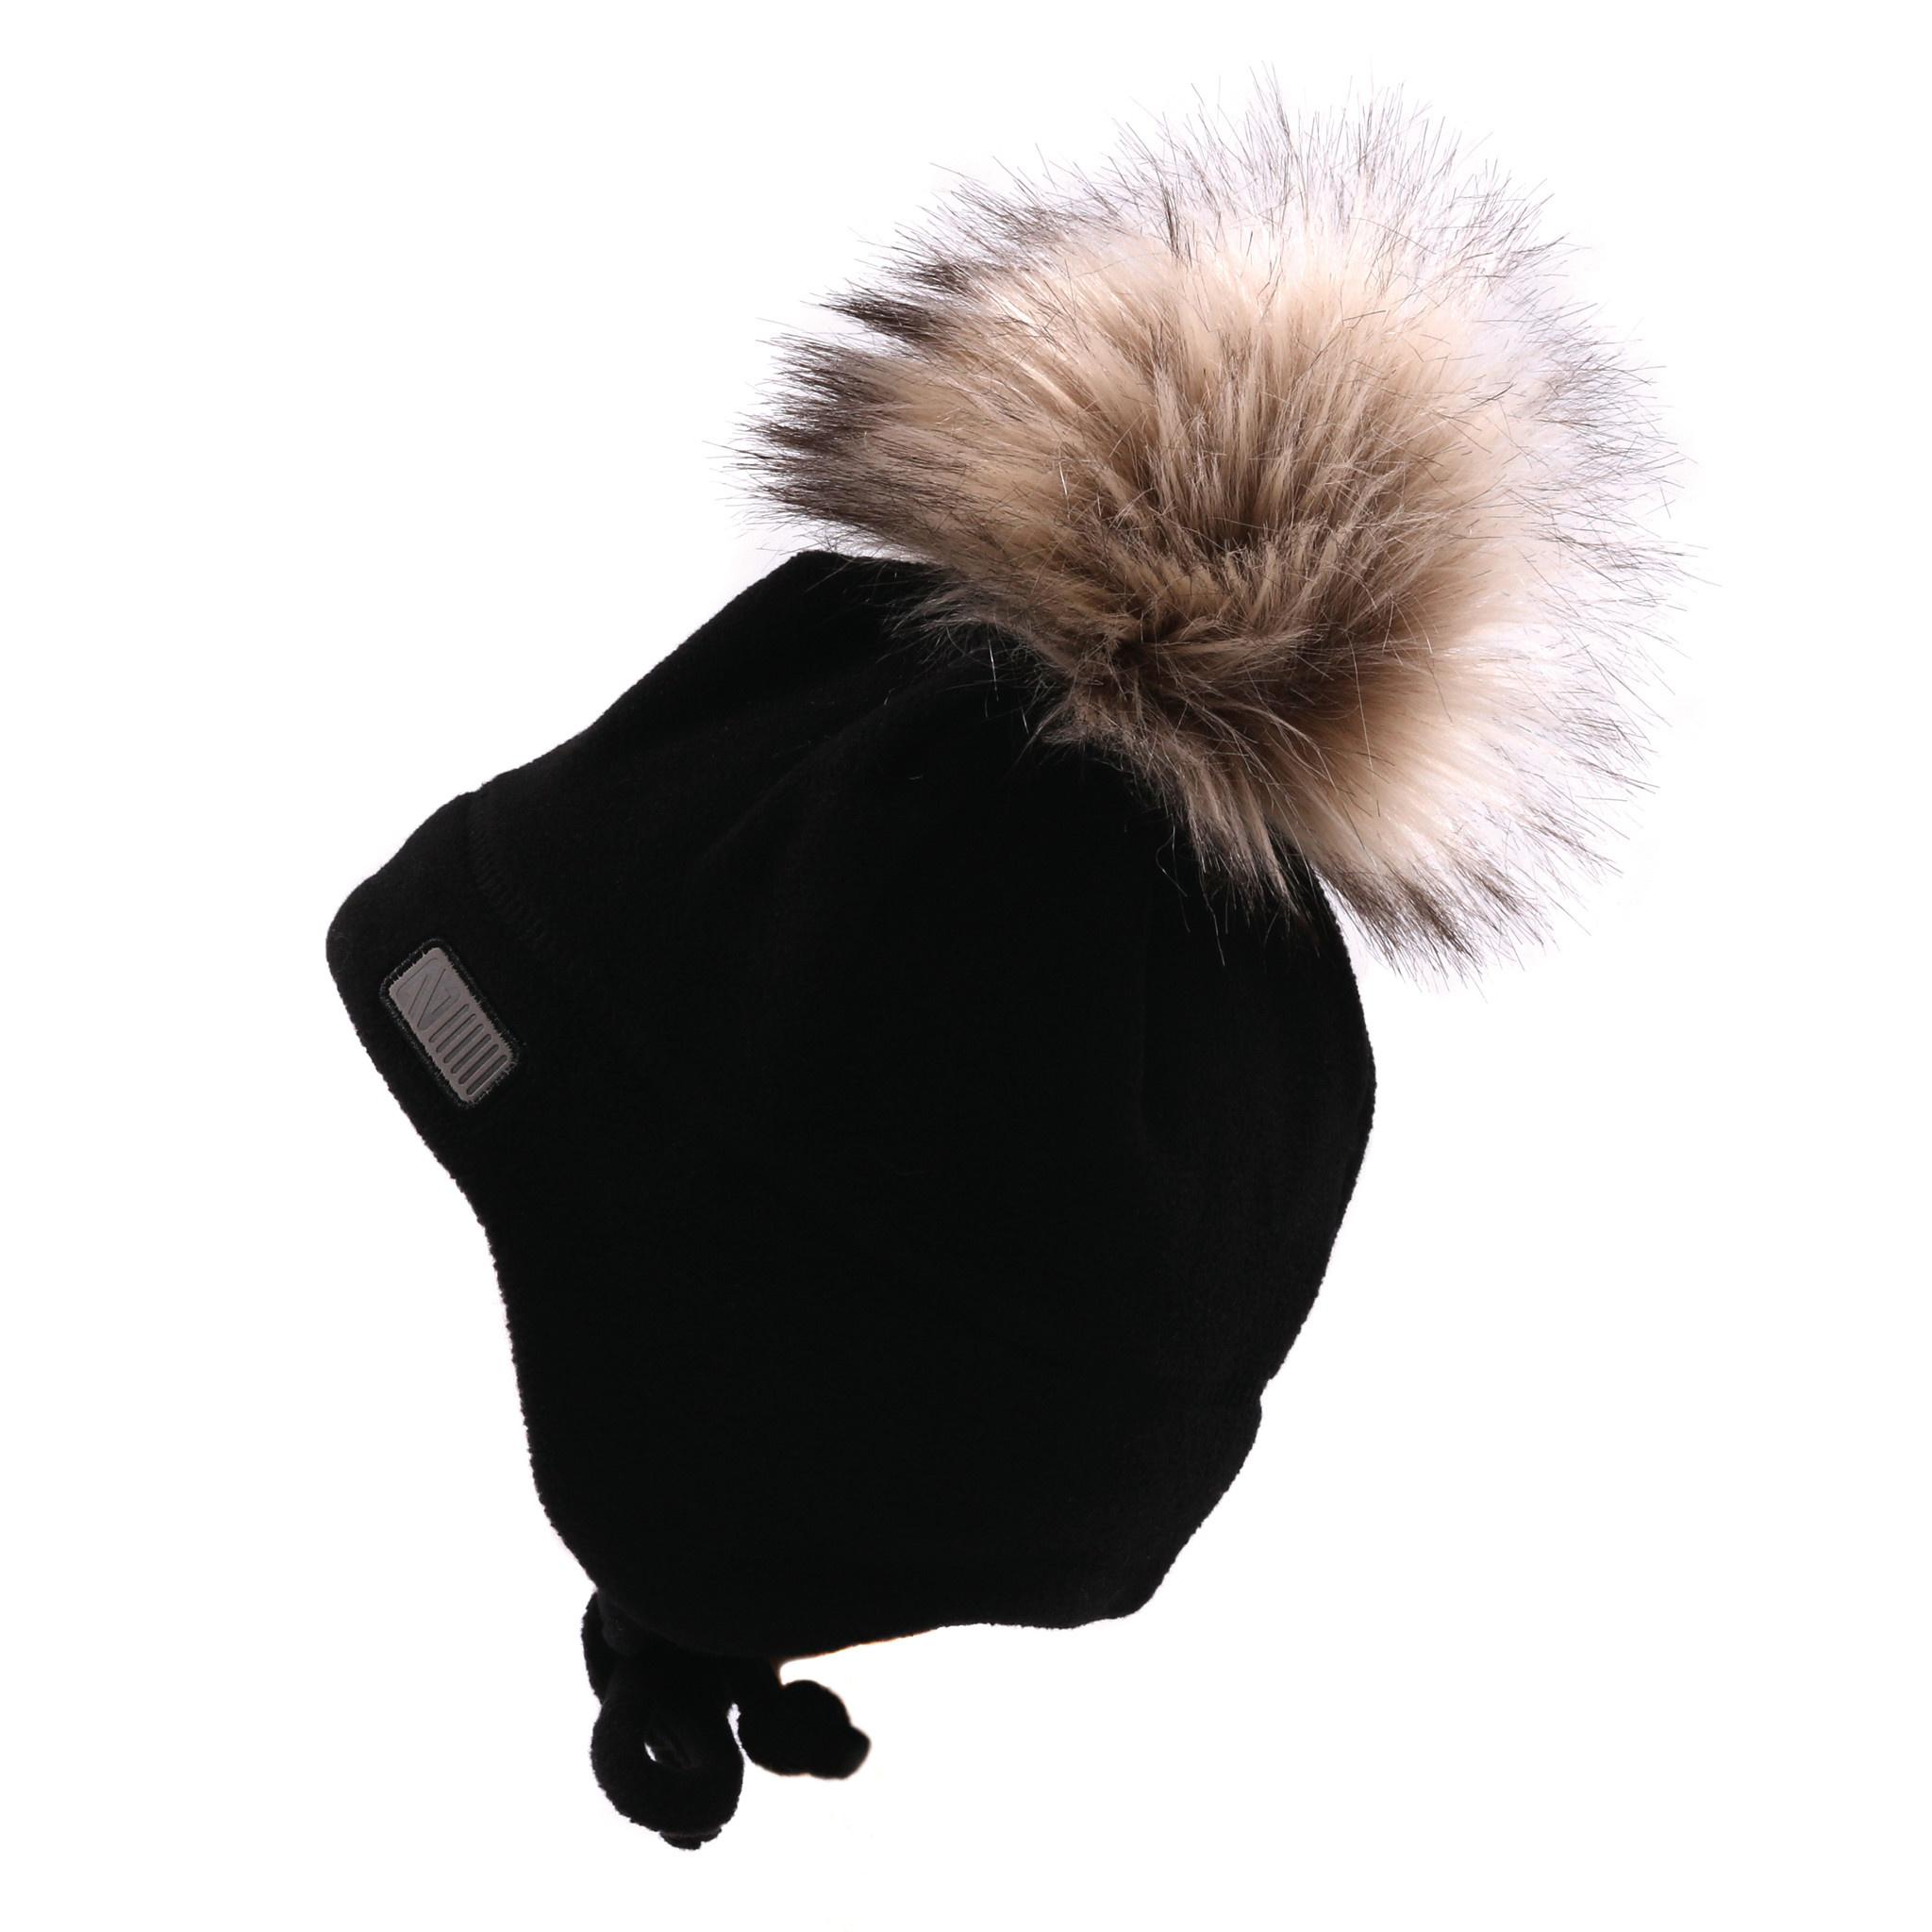 Tuque Pompon bébé en polar avec oreilles Noire-1